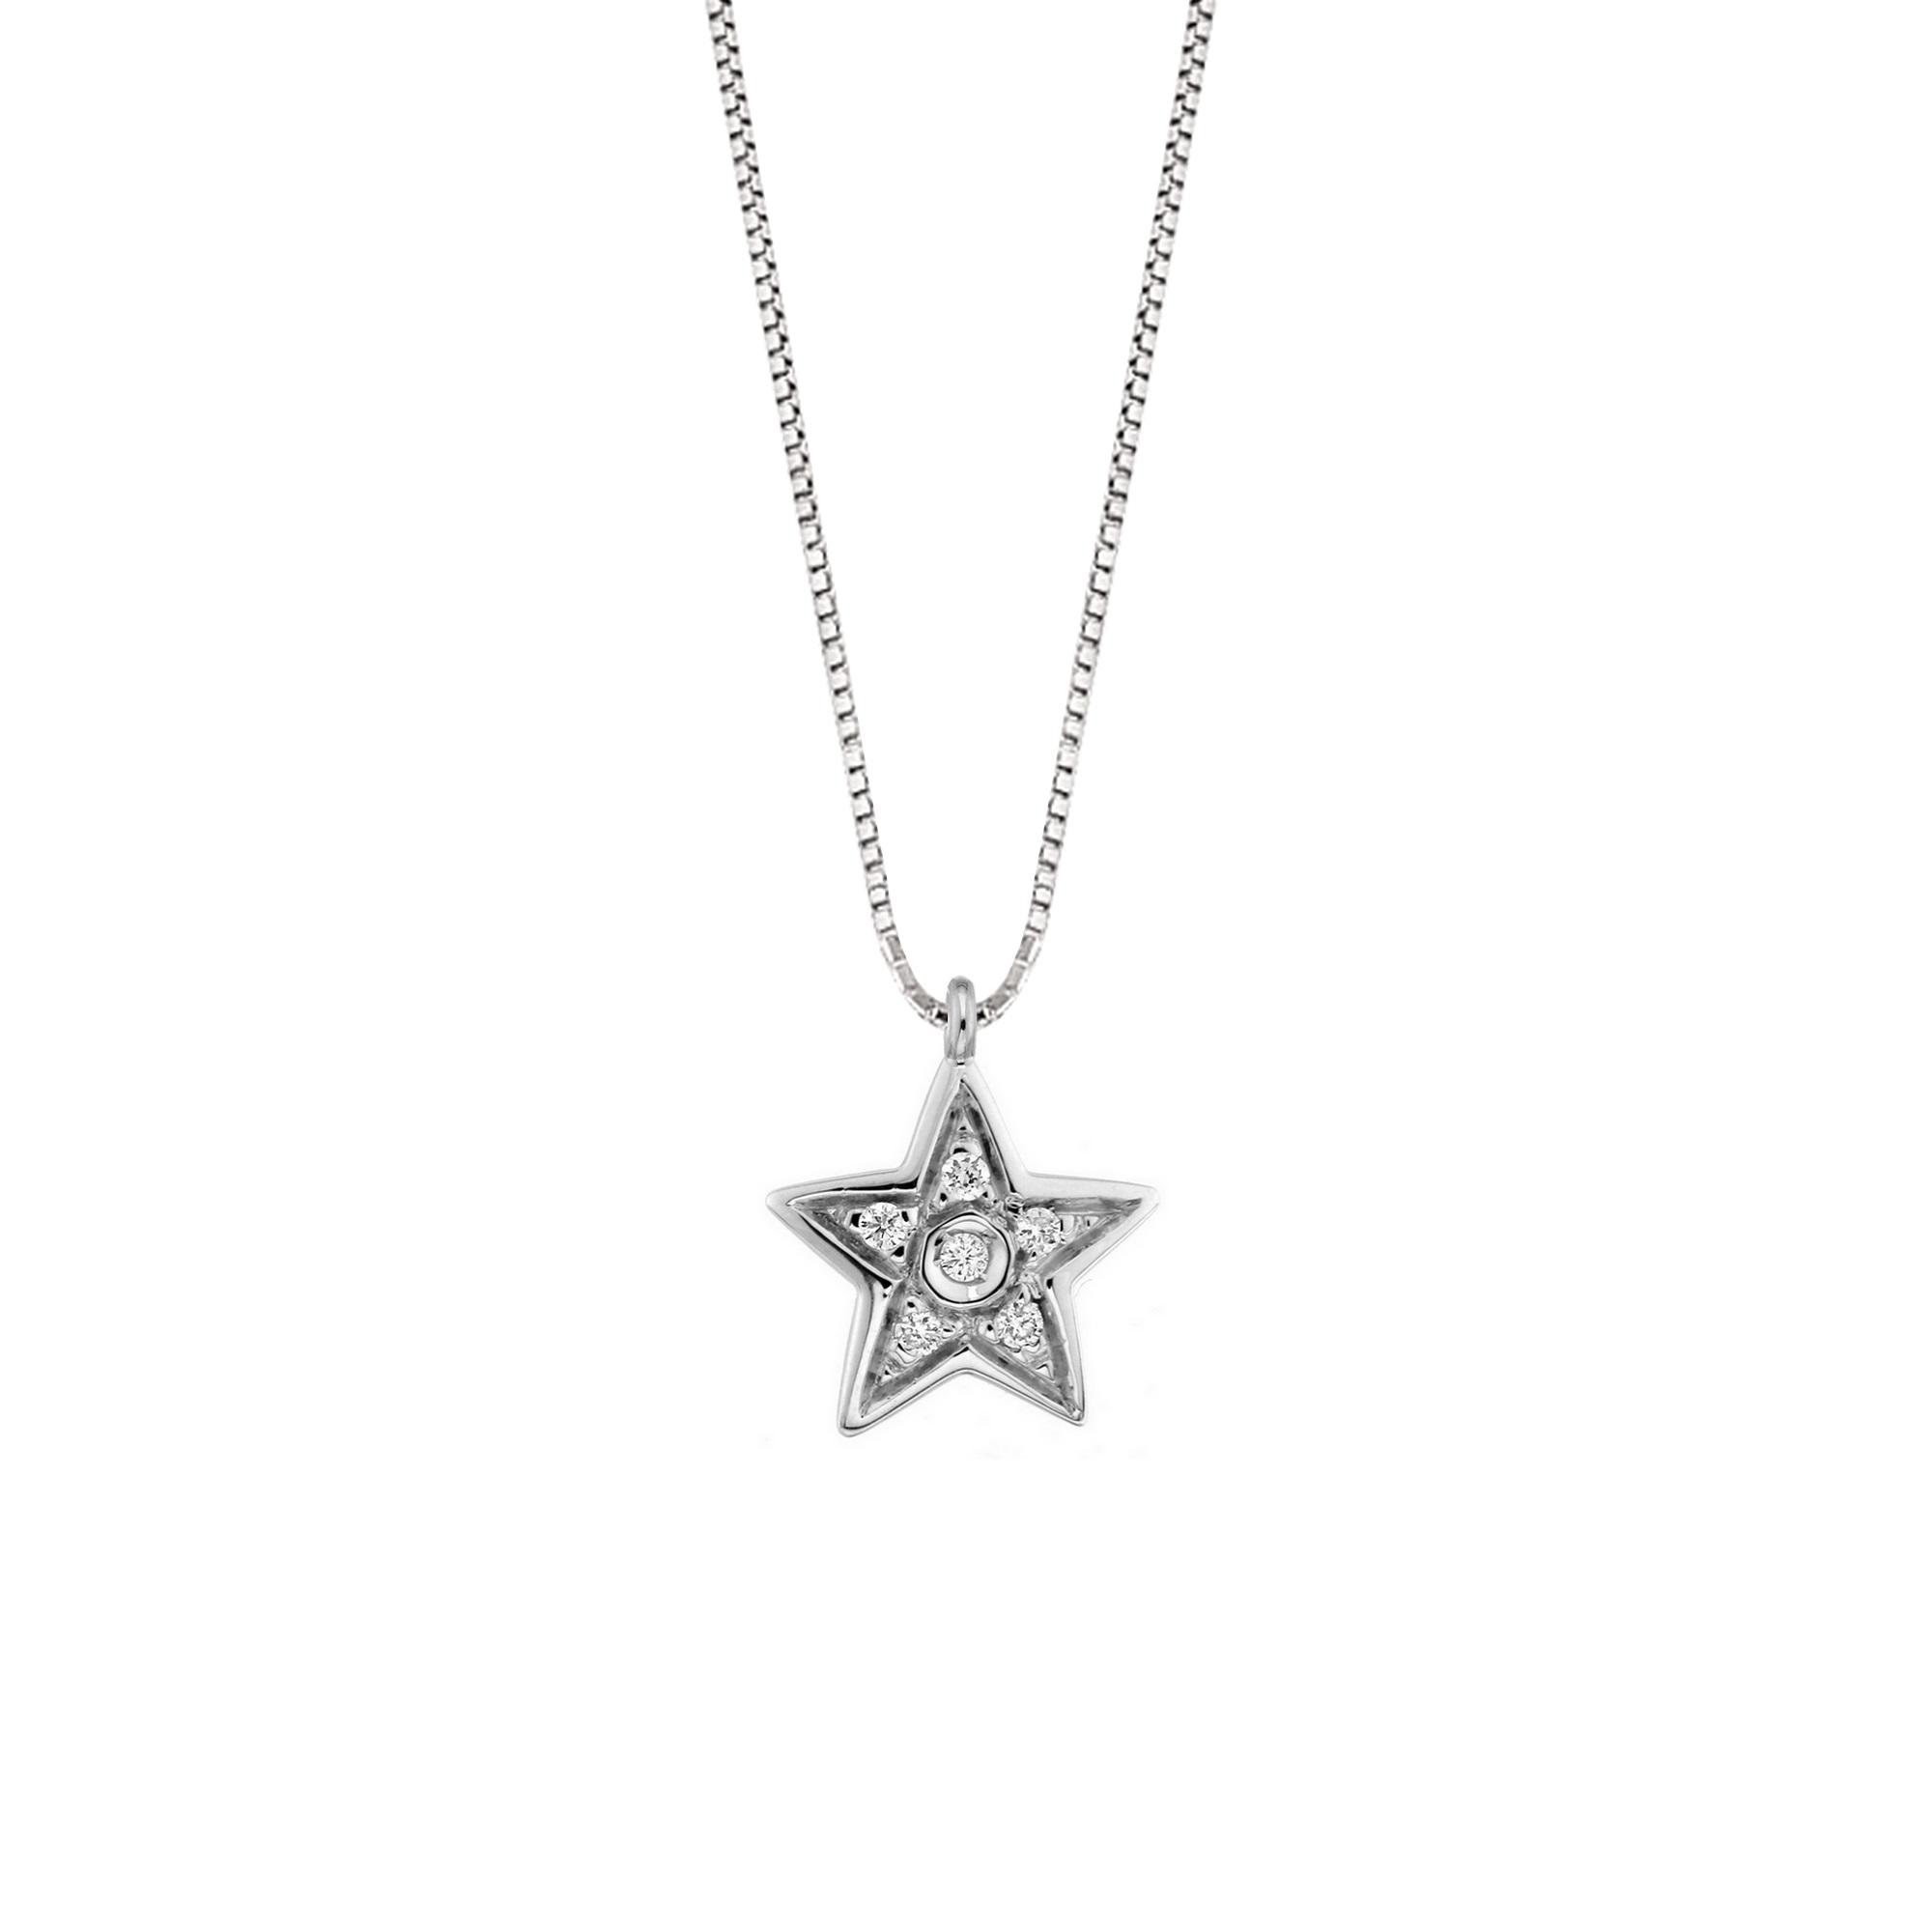 Lantisor din aur 18K cu pandantiv stea cu diamante 0,05 ct., model Orsini 0447CI